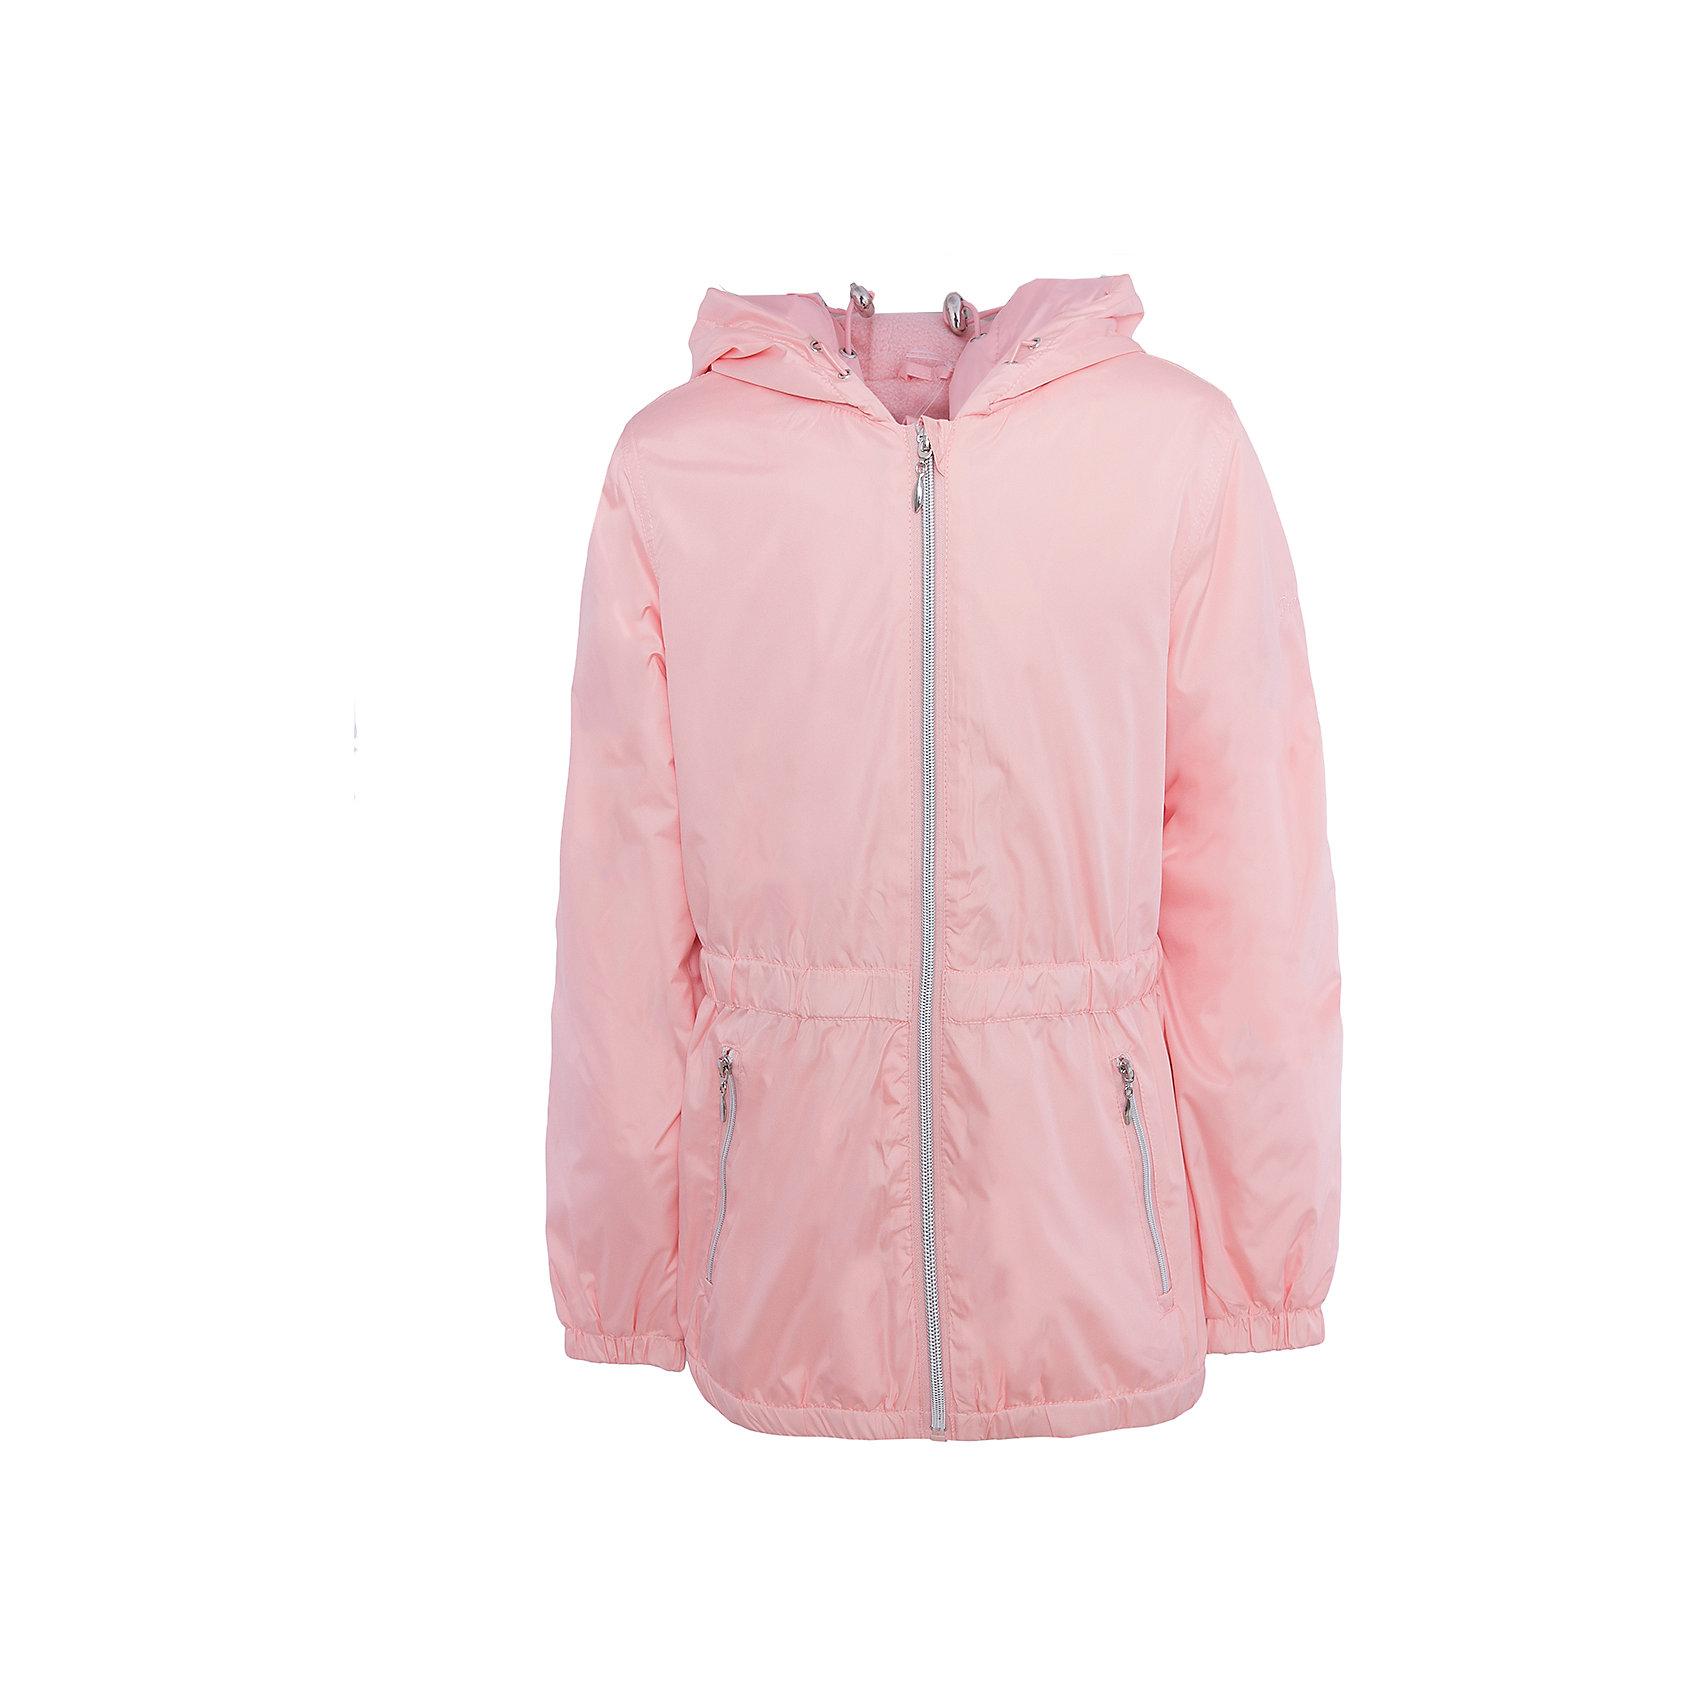 Куртка для девочки SELAВерхняя одежда<br>Характеристики товара:<br><br>• цвет: розовый<br>• состав: 100% полиэстер; подкладка: 100% полиэстер; подкладка рукава: 100% полиэстер<br>• температурный режим: от +5°до +15°С<br>• мягкая флисовая подкладка<br>• молния<br>• приталенный силуэт<br>• резинка в талии<br>• капюшон на подкладке с ругелирующей объём кулиской<br>• два кармана на молнии<br>• светоотражающая деталь на спинке<br>• коллекция весна-лето 2017<br>• страна бренда: Российская Федерация<br>• страна изготовитель: Китай<br><br>Вещи из новой коллекции SELA продолжают радовать удобством! Легкая куртка для девочки поможет разнообразить гардероб ребенка и обеспечить комфорт. Она отлично сочетается с юбками и брюками. Очень стильно смотрится!<br><br>Одежда, обувь и аксессуары от российского бренда SELA не зря пользуются большой популярностью у детей и взрослых! Модели этой марки - стильные и удобные, цена при этом неизменно остается доступной. Для их производства используются только безопасные, качественные материалы и фурнитура. Новая коллекция поддерживает хорошие традиции бренда! <br><br>Куртку для девочки от популярного бренда SELA (СЕЛА) можно купить в нашем интернет-магазине.<br><br>Ширина мм: 356<br>Глубина мм: 10<br>Высота мм: 245<br>Вес г: 519<br>Цвет: розовый<br>Возраст от месяцев: 84<br>Возраст до месяцев: 96<br>Пол: Женский<br>Возраст: Детский<br>Размер: 128,140,152,116<br>SKU: 5305203